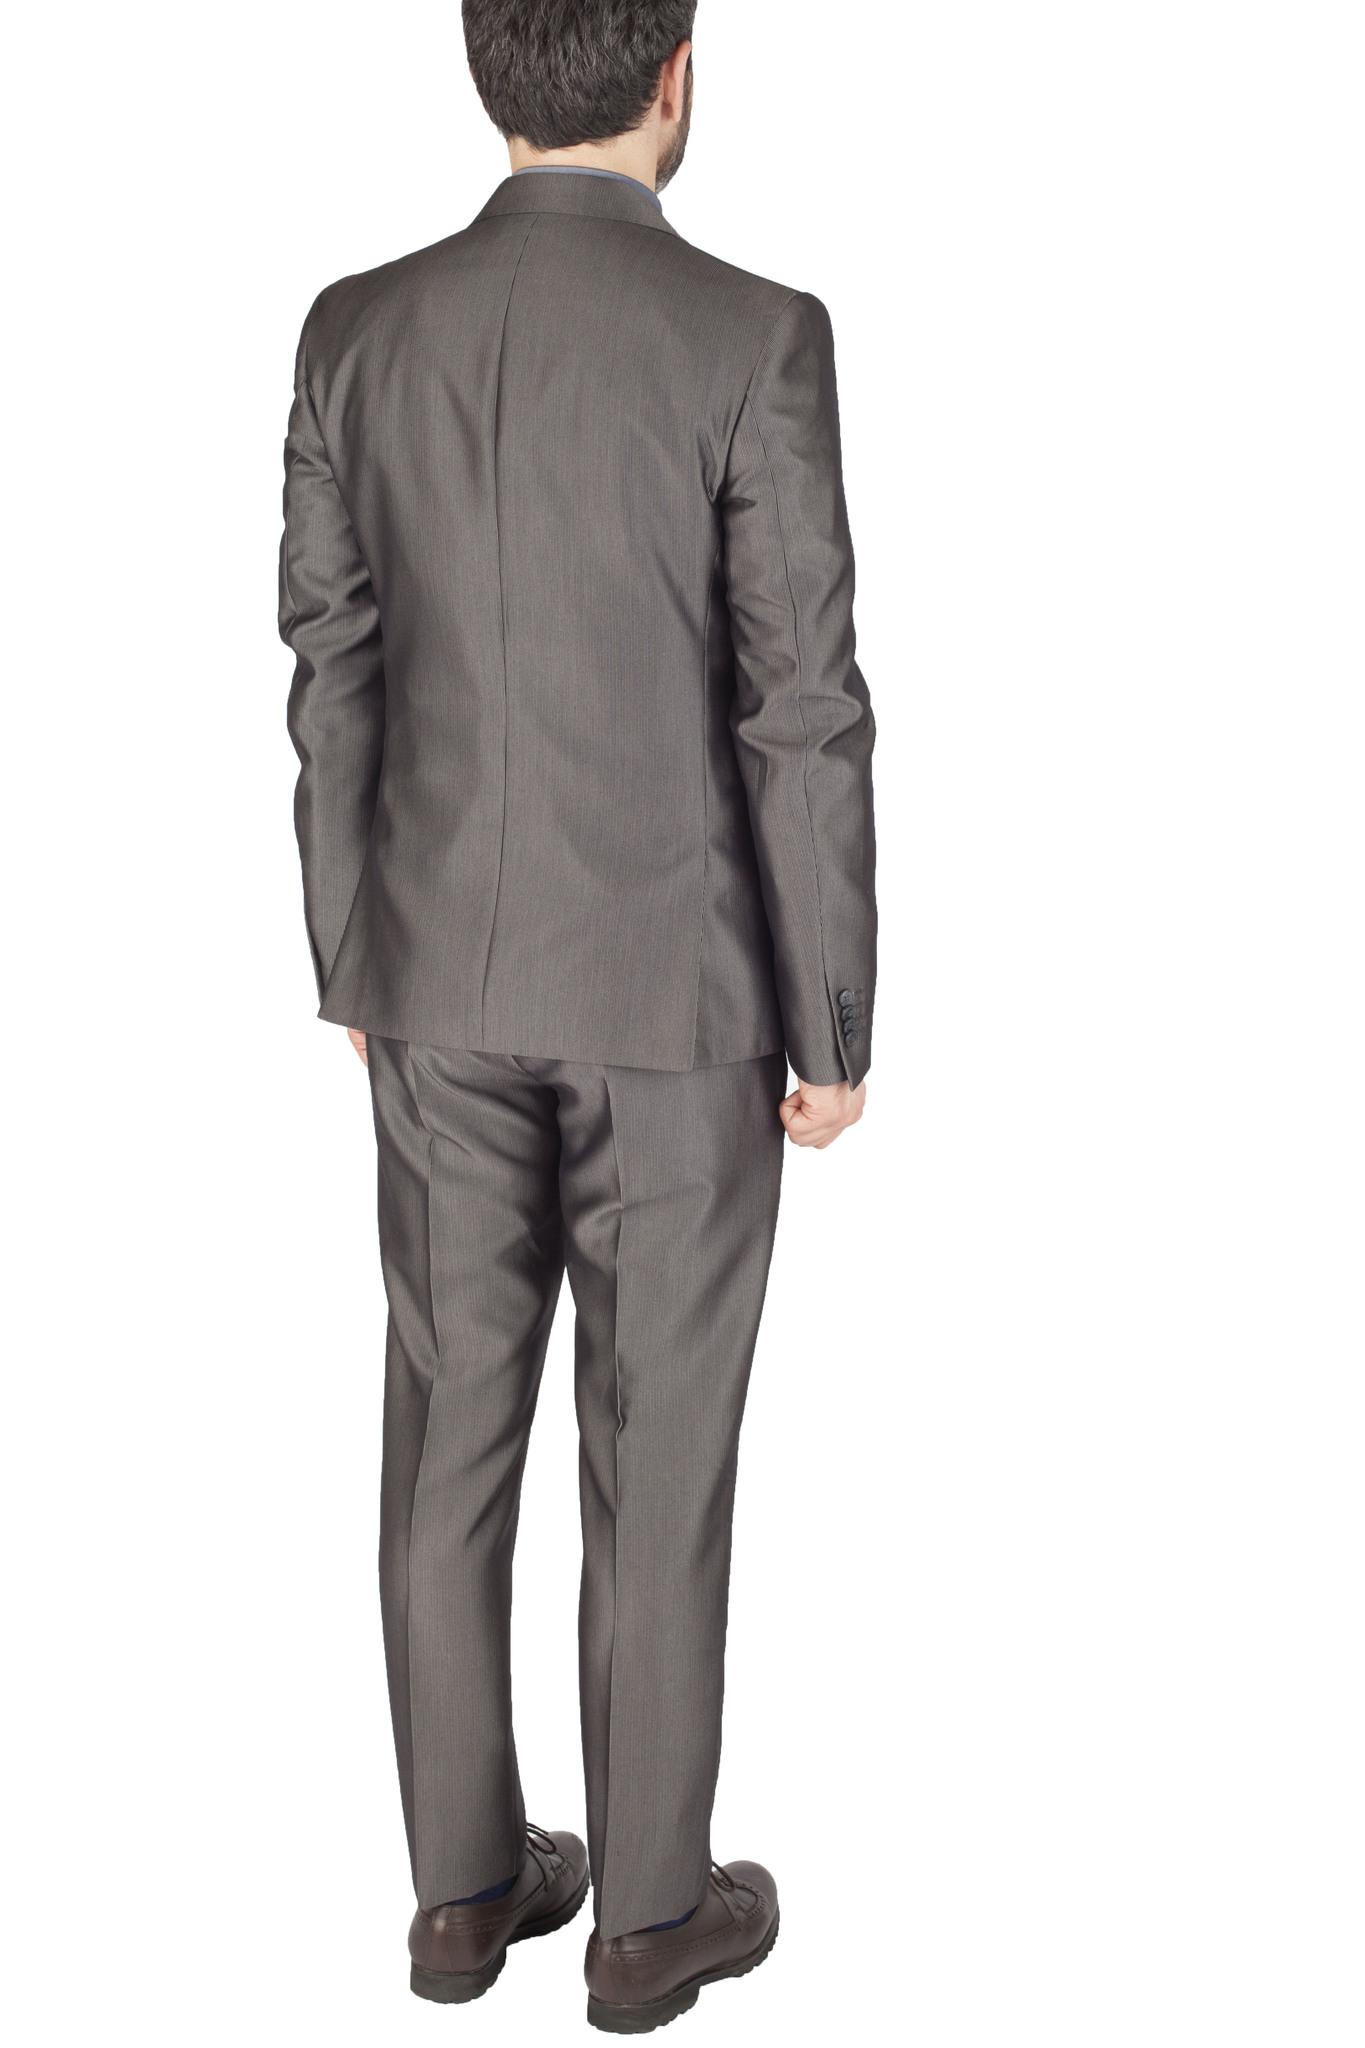 Серый немного блестящий шерстяной костюм продюсера рок-группы